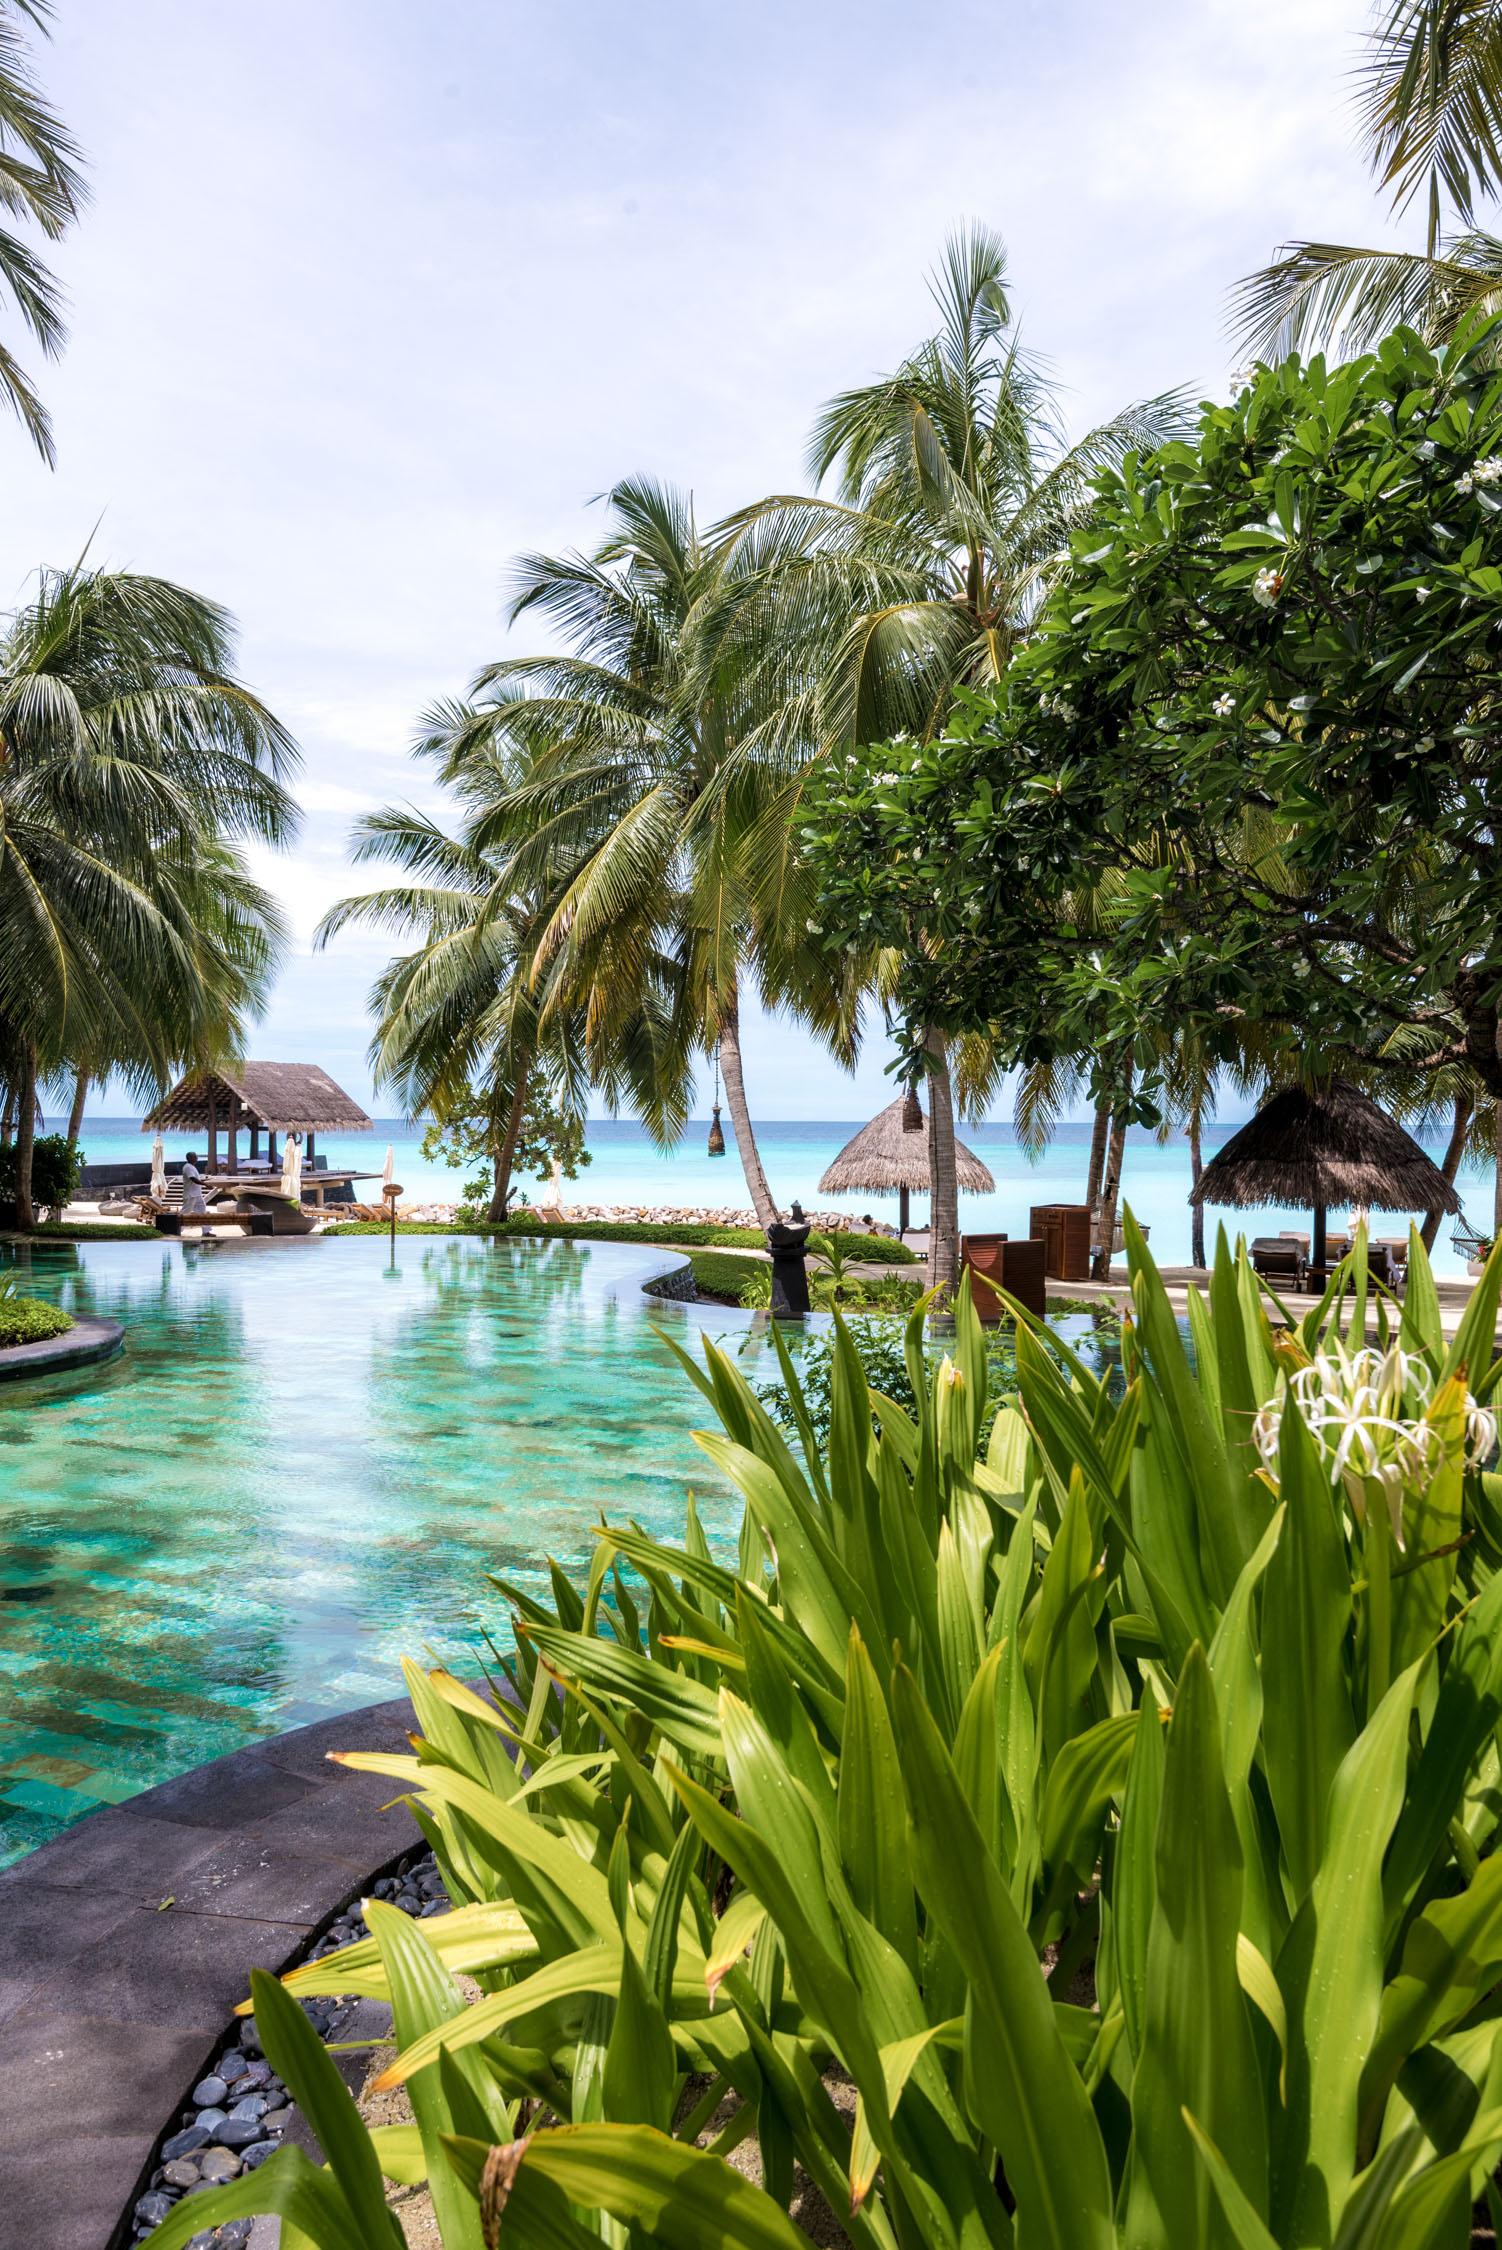 Maldives_Reethi-Rah-14-20170519.jpg